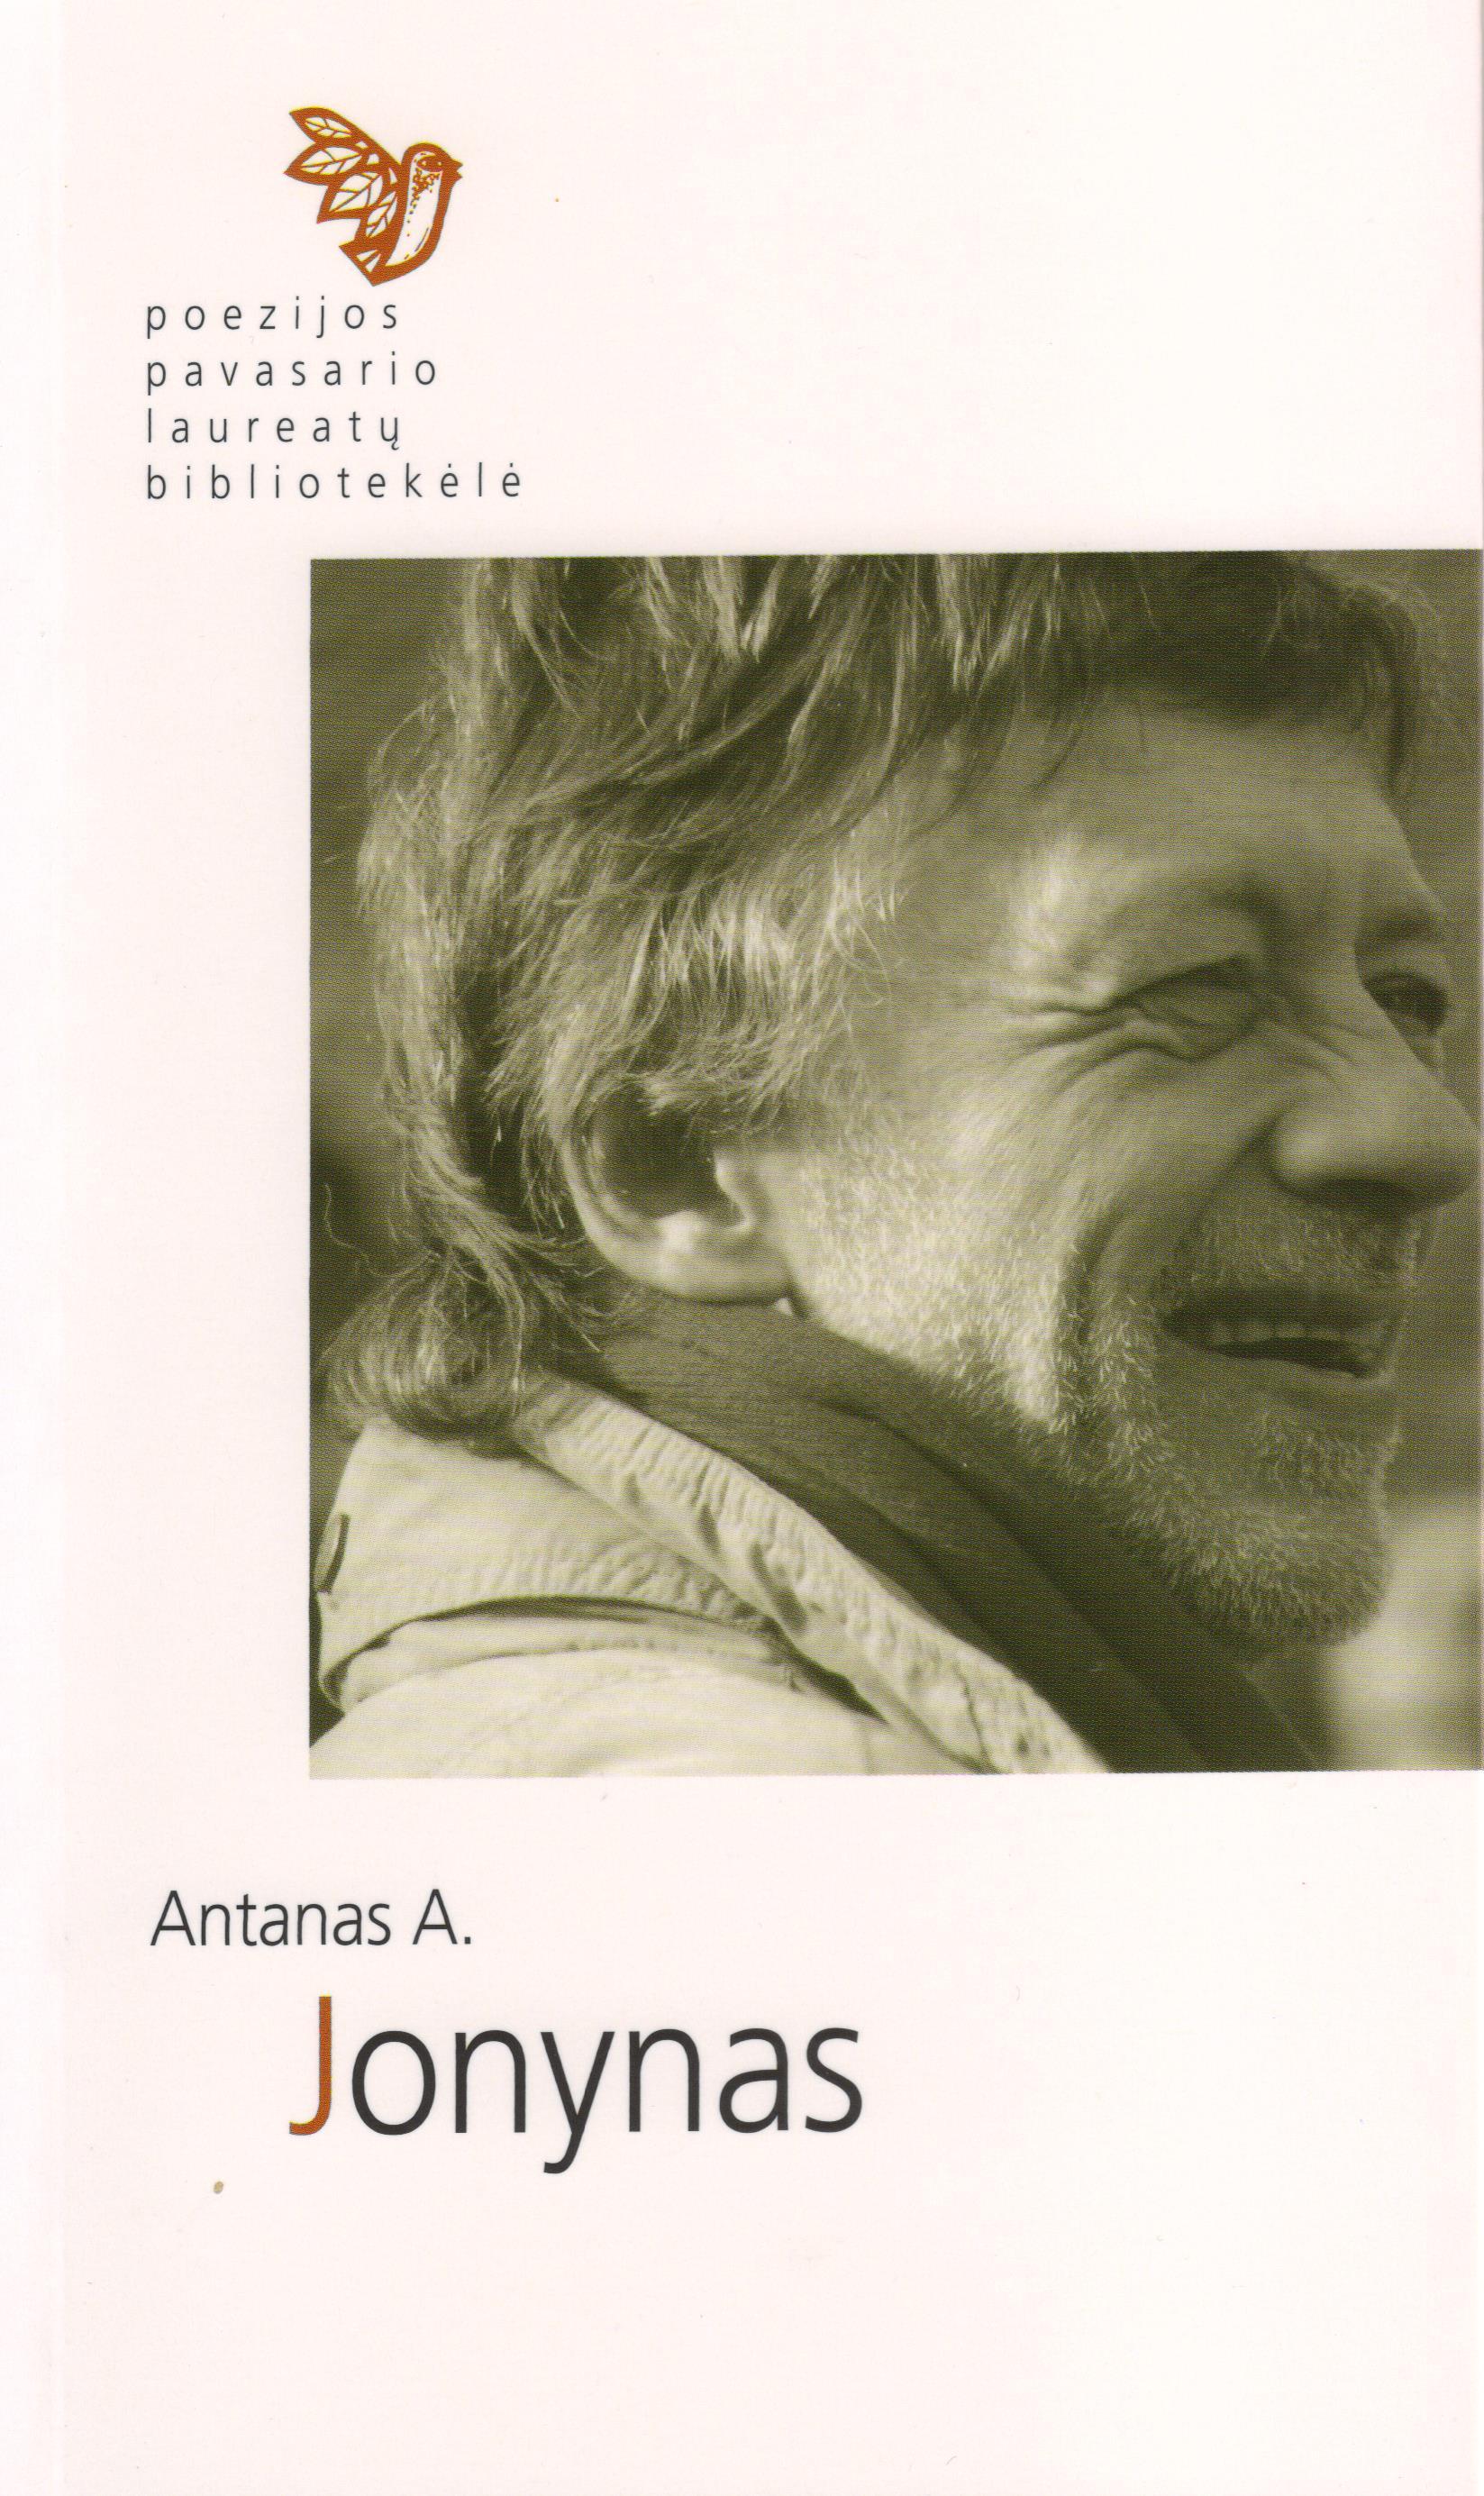 Poezijos pavasario laureatų bibliotekėlė. Antanas A. Jonynas. 54 sonetai (Kaunas: Naujasis lankas, Kauno meno kūrėjų asociacija 2013)